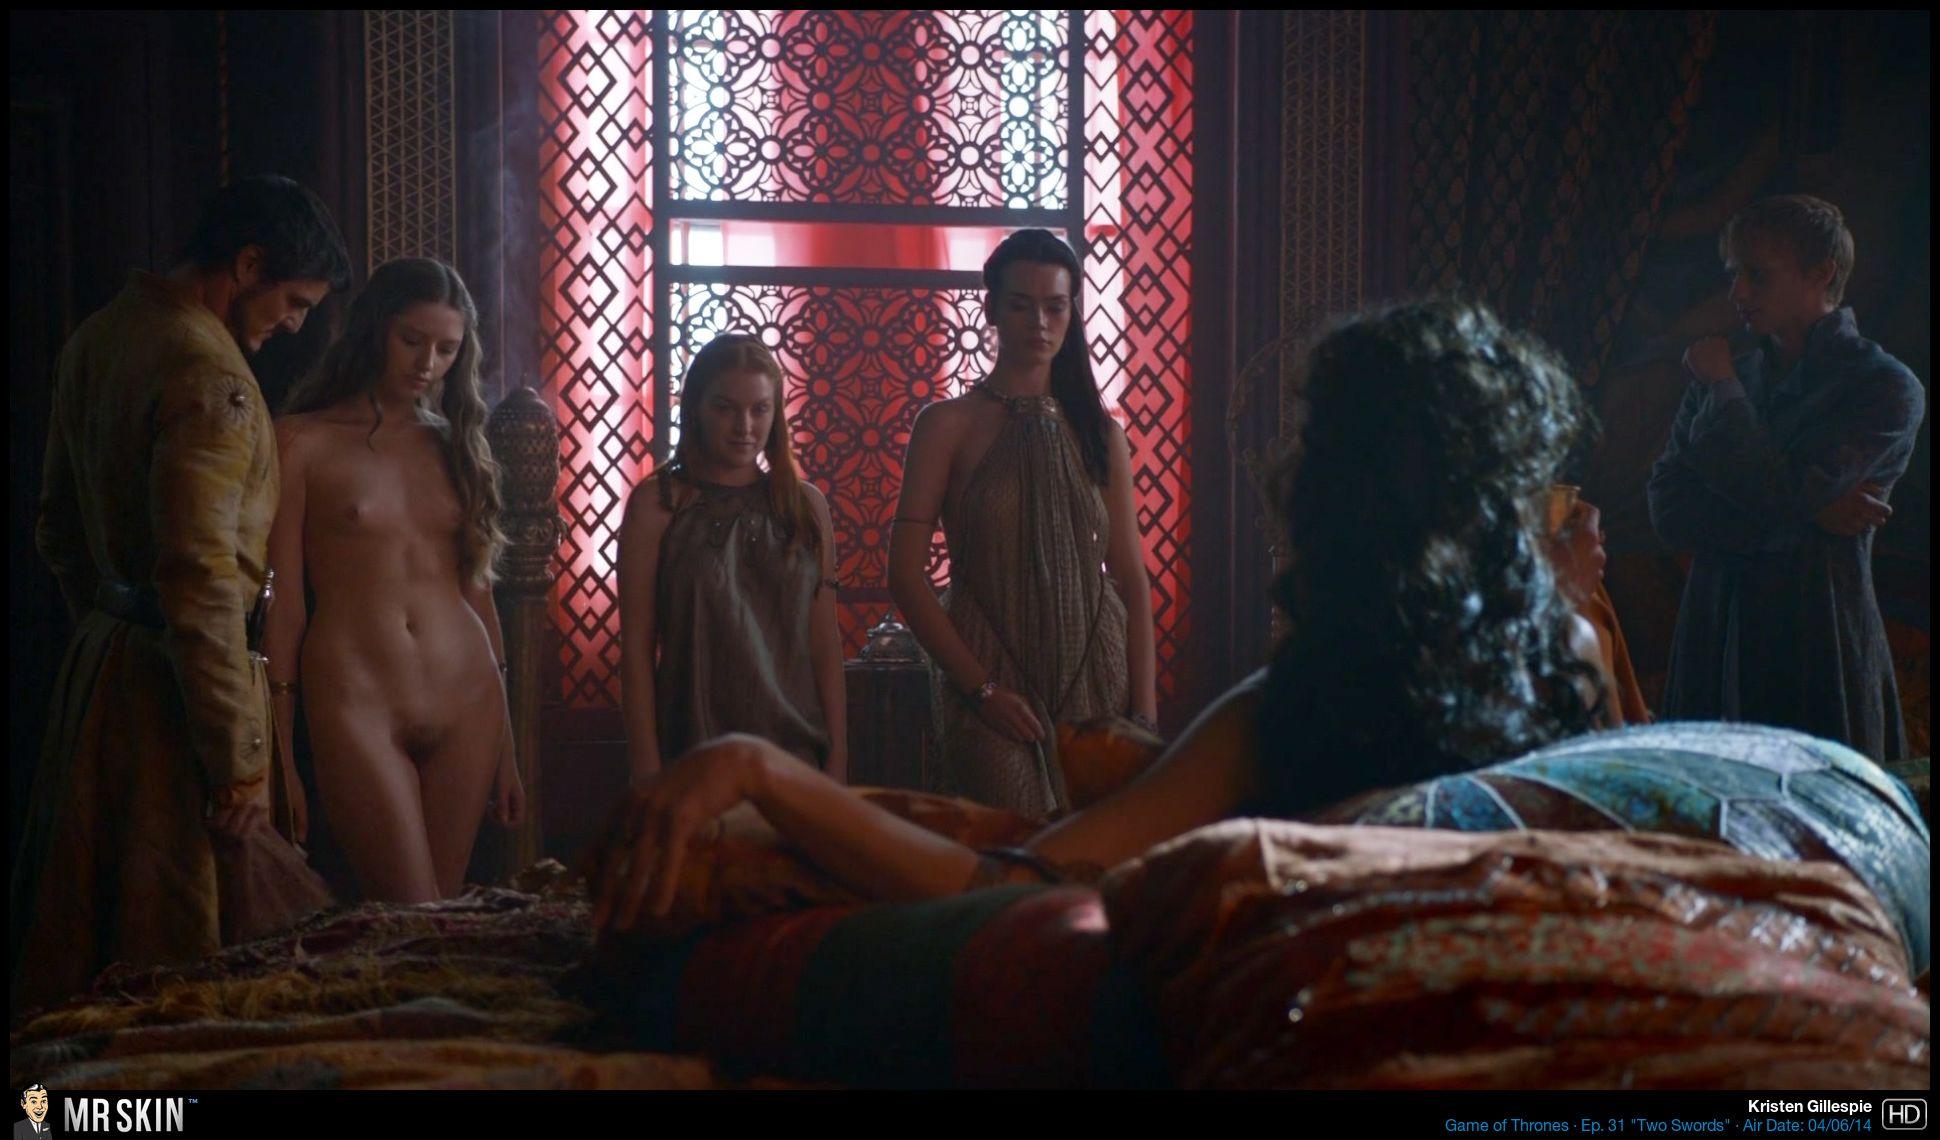 vse-eroticheskie-stseni-v-filmah